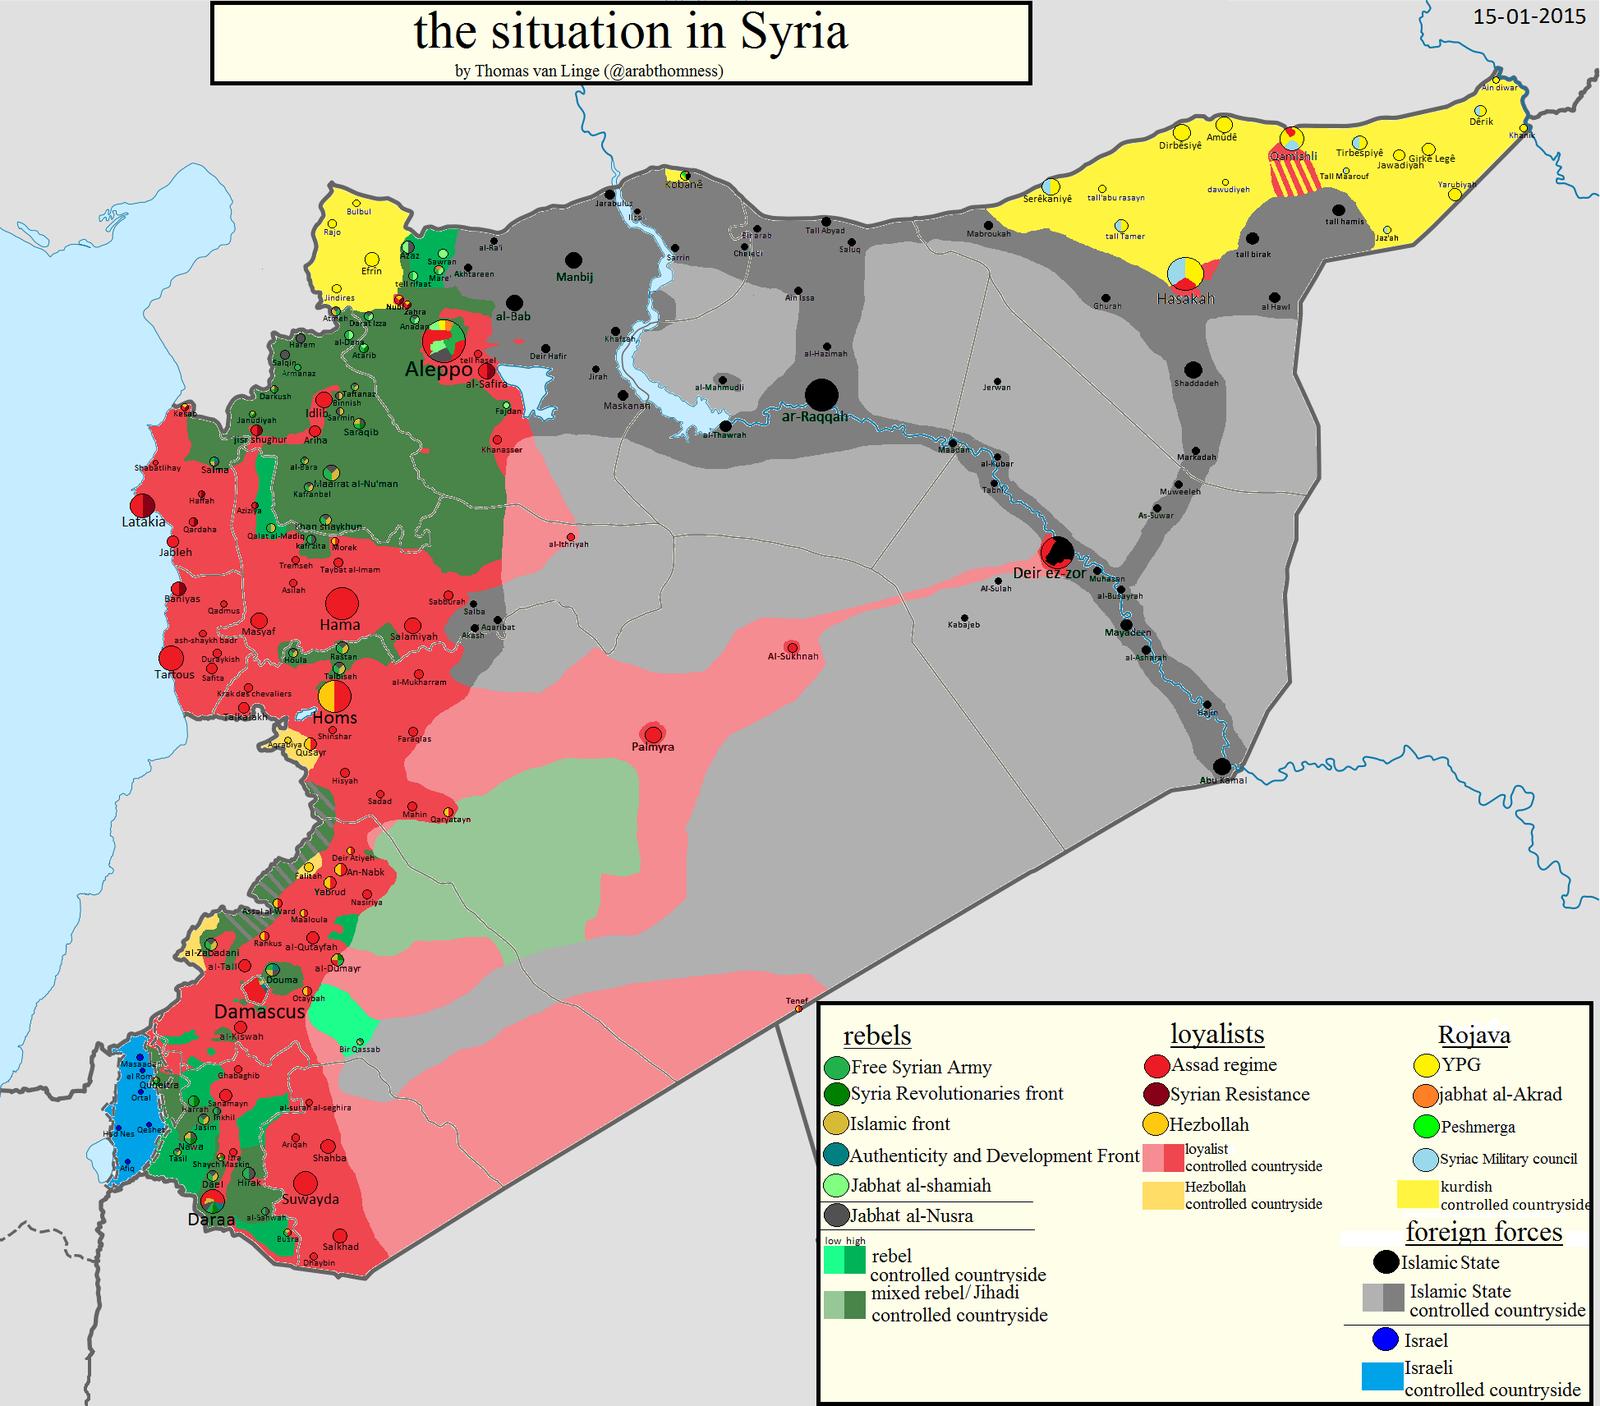 ②プーチンがオバマやマケインらが支援しているシリア反政府軍やIS(イスラム国)を空爆したので激怒!